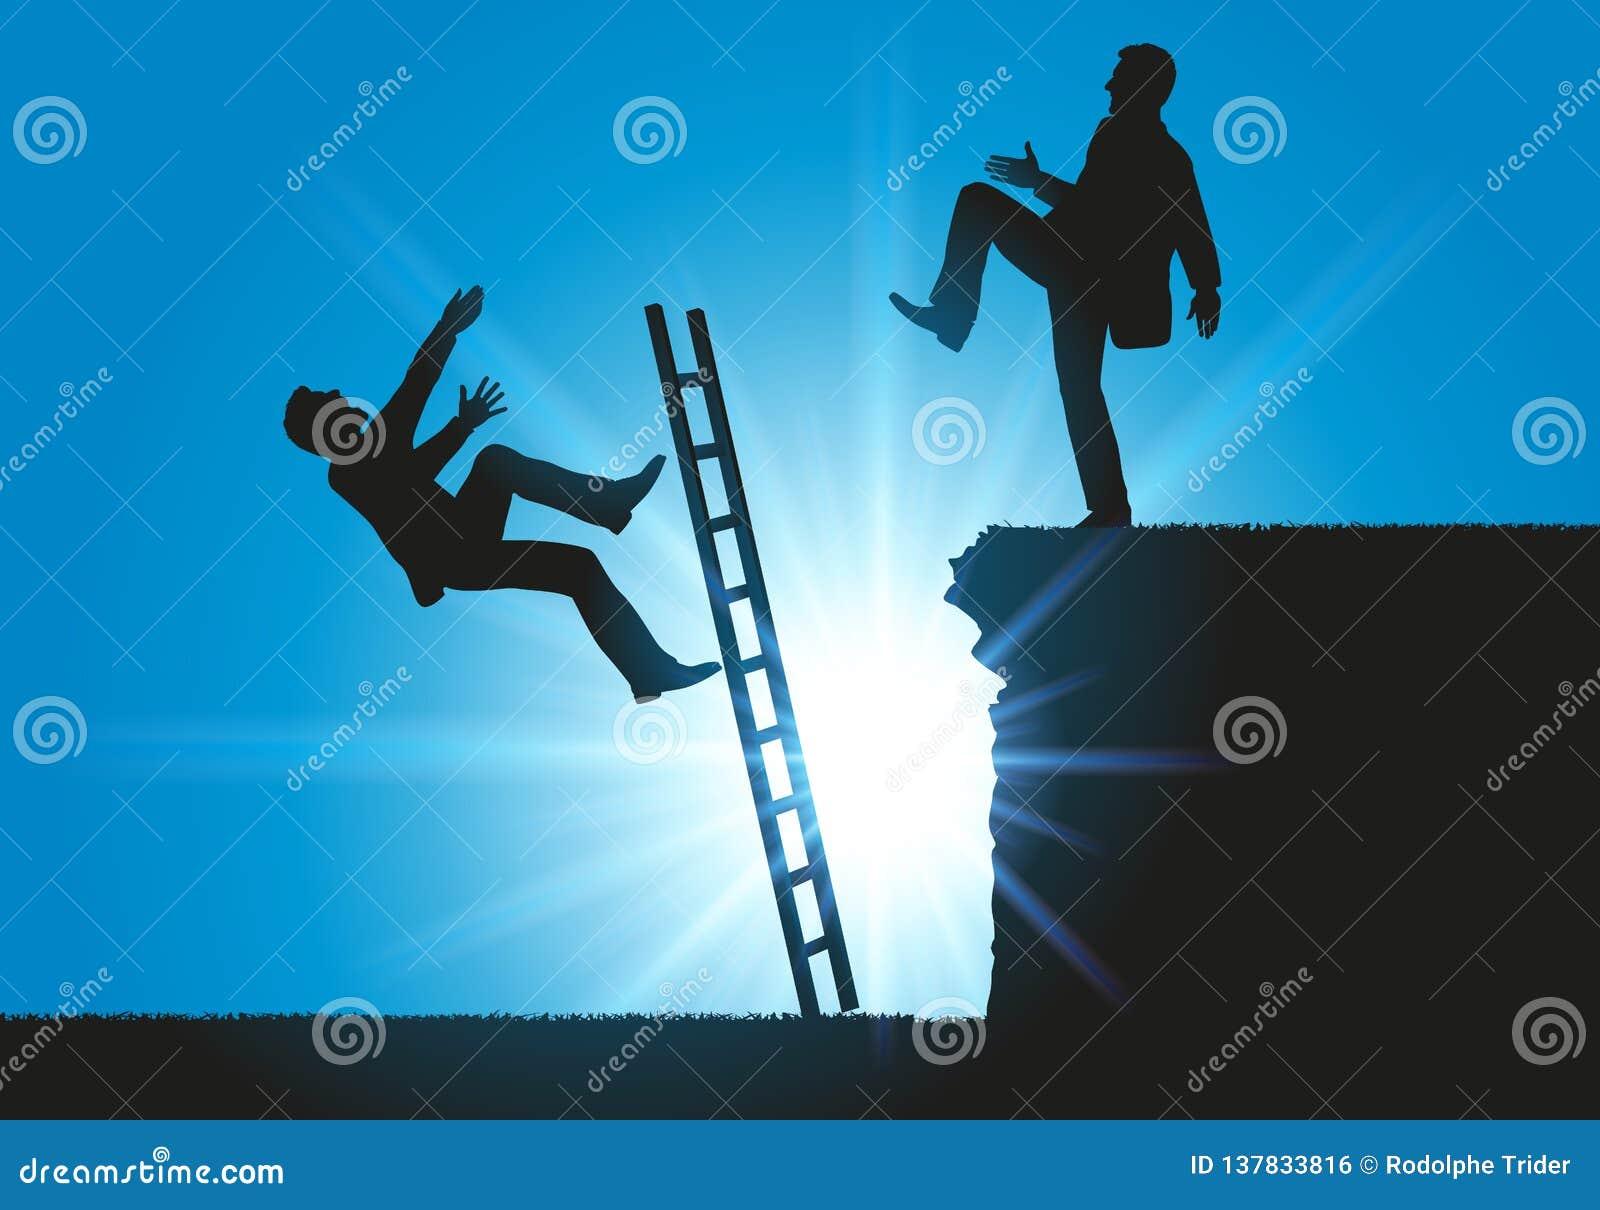 Concept d un fauteuil pour deux avec un homme poussant son concurrent dans le vide